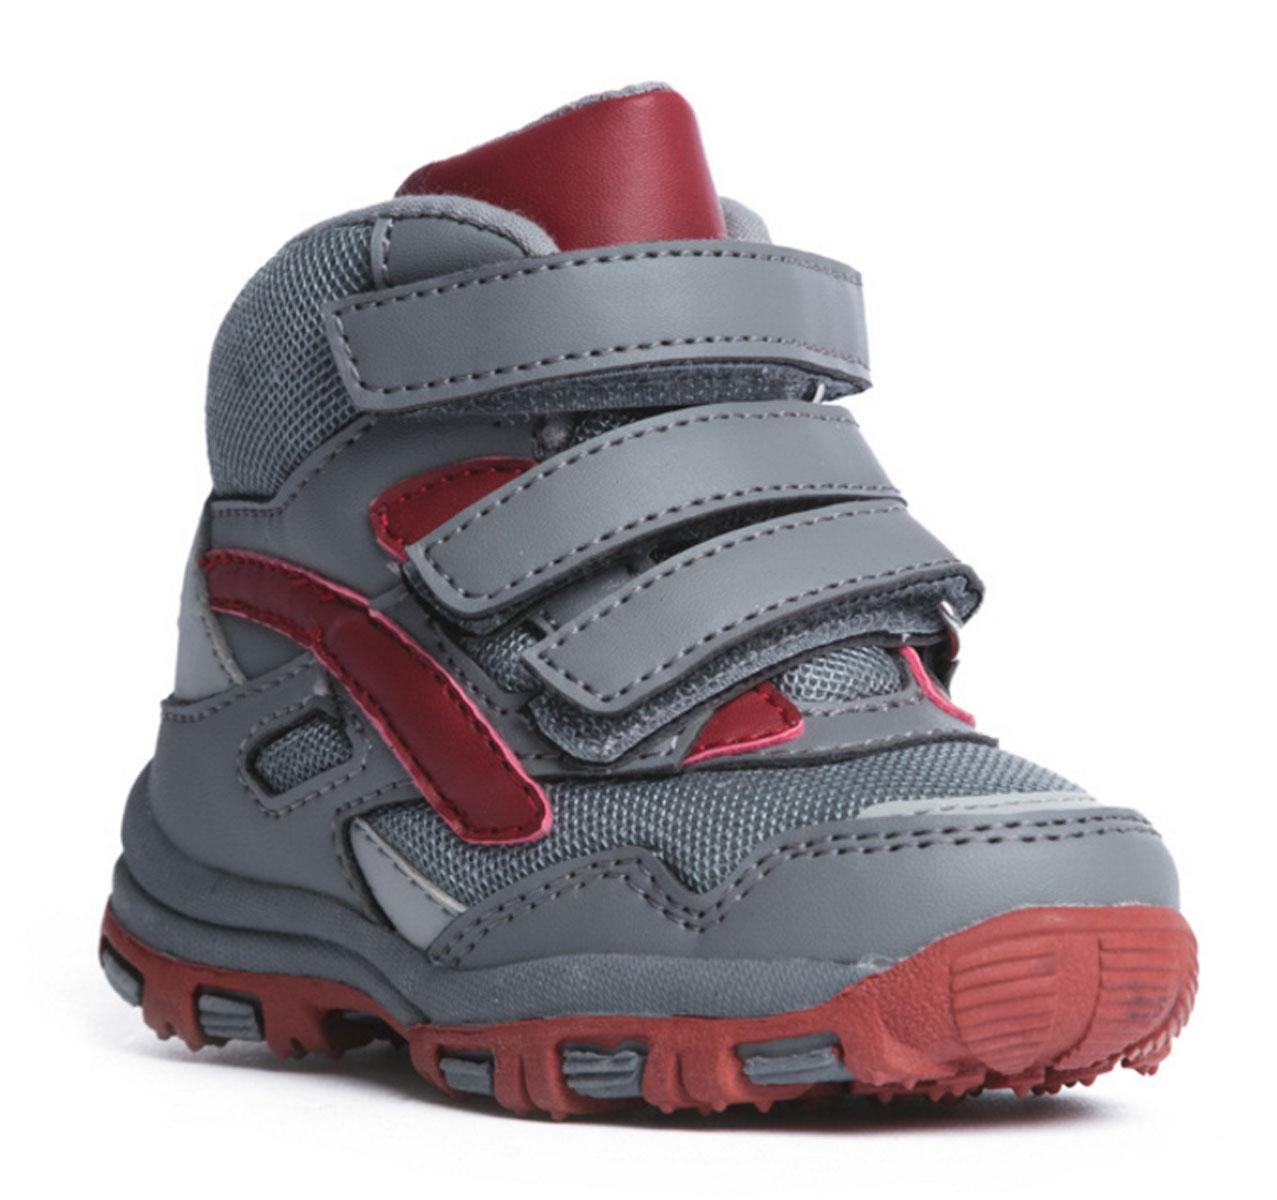 Ботинки для мальчика PlayToday Baby, цвет: серый, темно-красный. 177232. Размер 25177232Комфортные ботинки выполнены из современных материалов. Ортопедическая высокая пятка с мягким кантом по верху. Высокая гибкая подошва с рифлением обеспечивает оптимальный комфорт. Наполненная носочная часть правильно формирует стопу. Застежки на липучках отлично фиксируют модель на ноге.